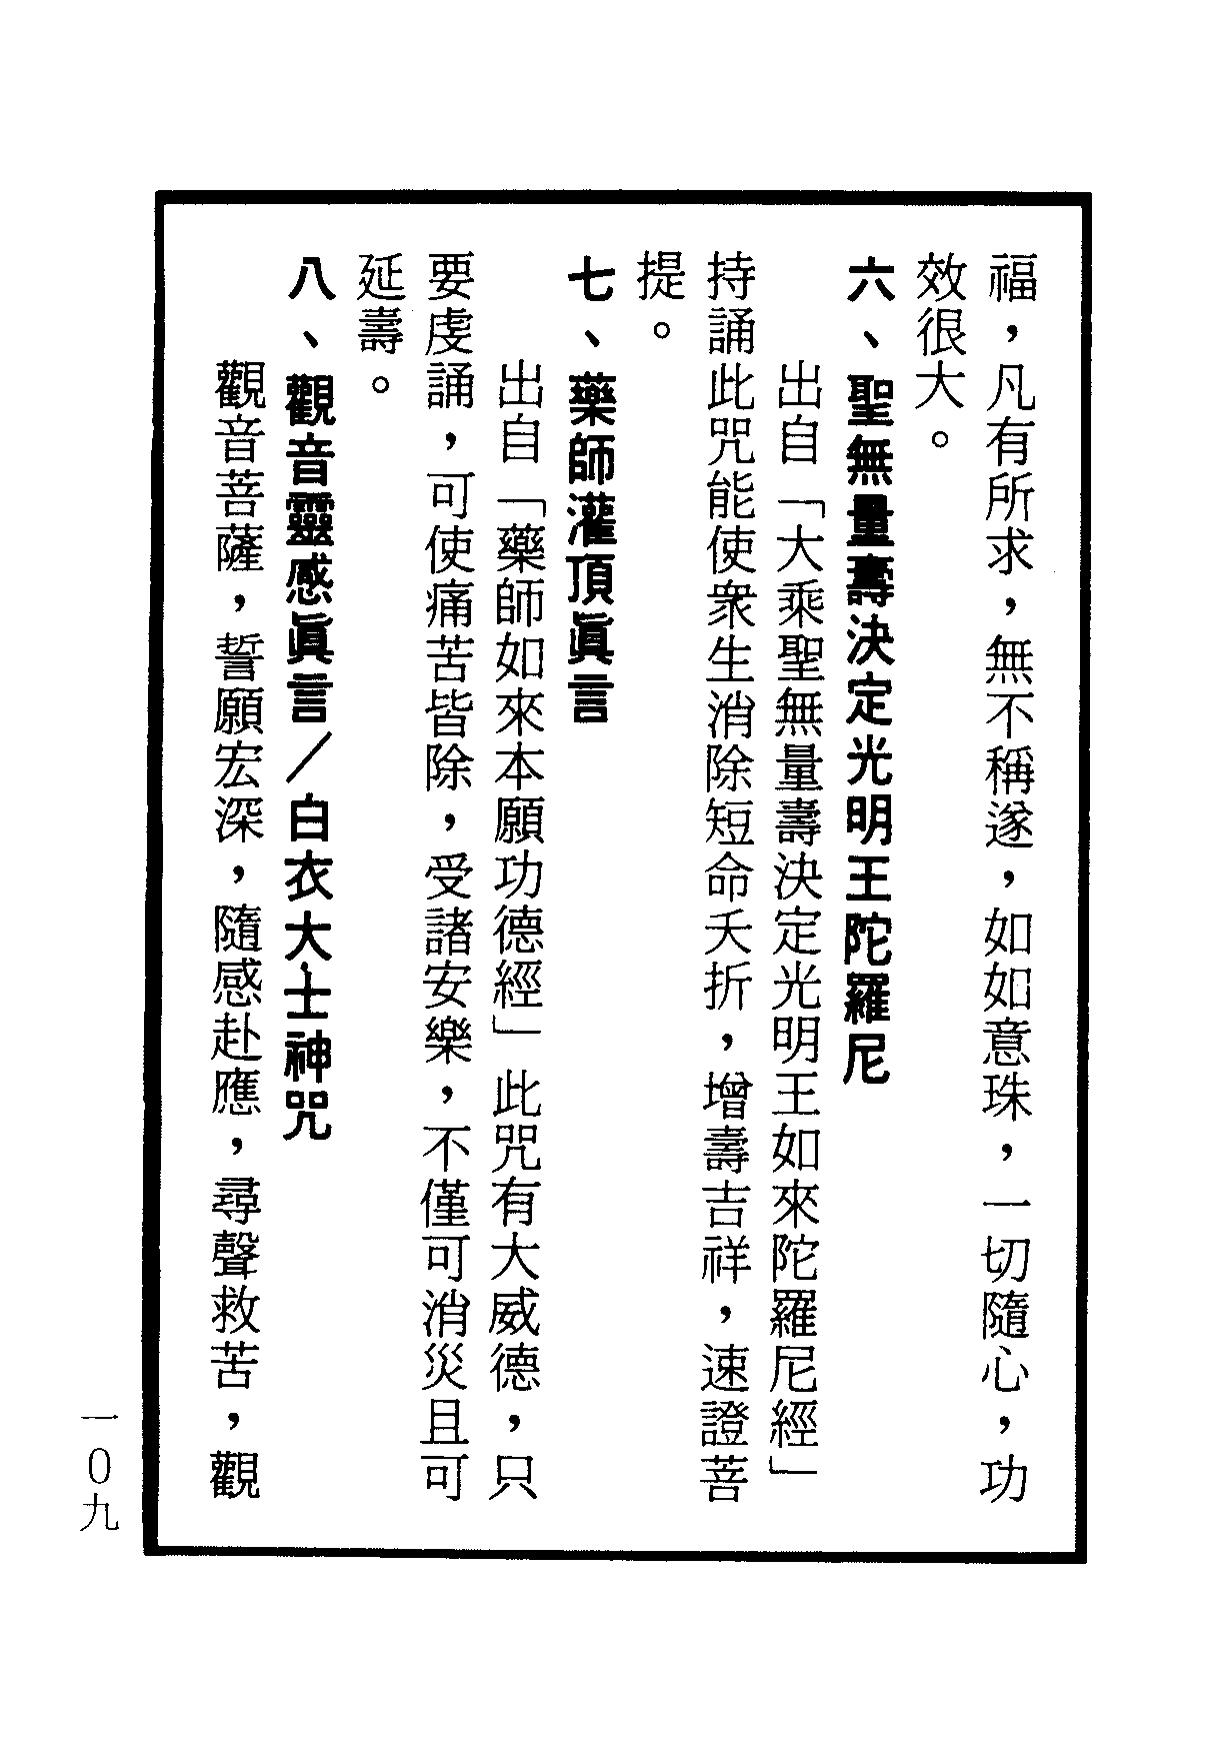 楞嚴咒-大悲咒-十小咒-易背本 115.png